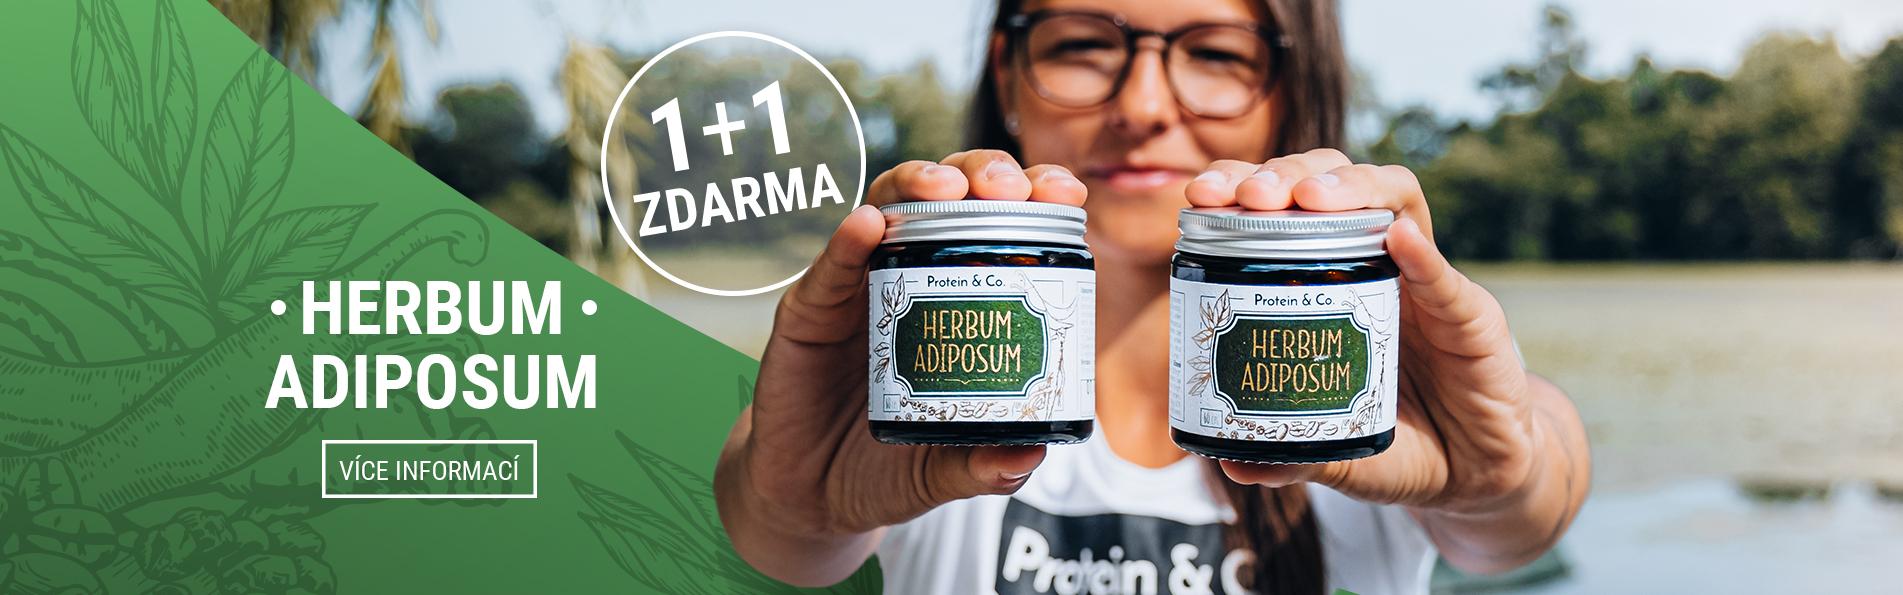 Herbum adiposum 1+1